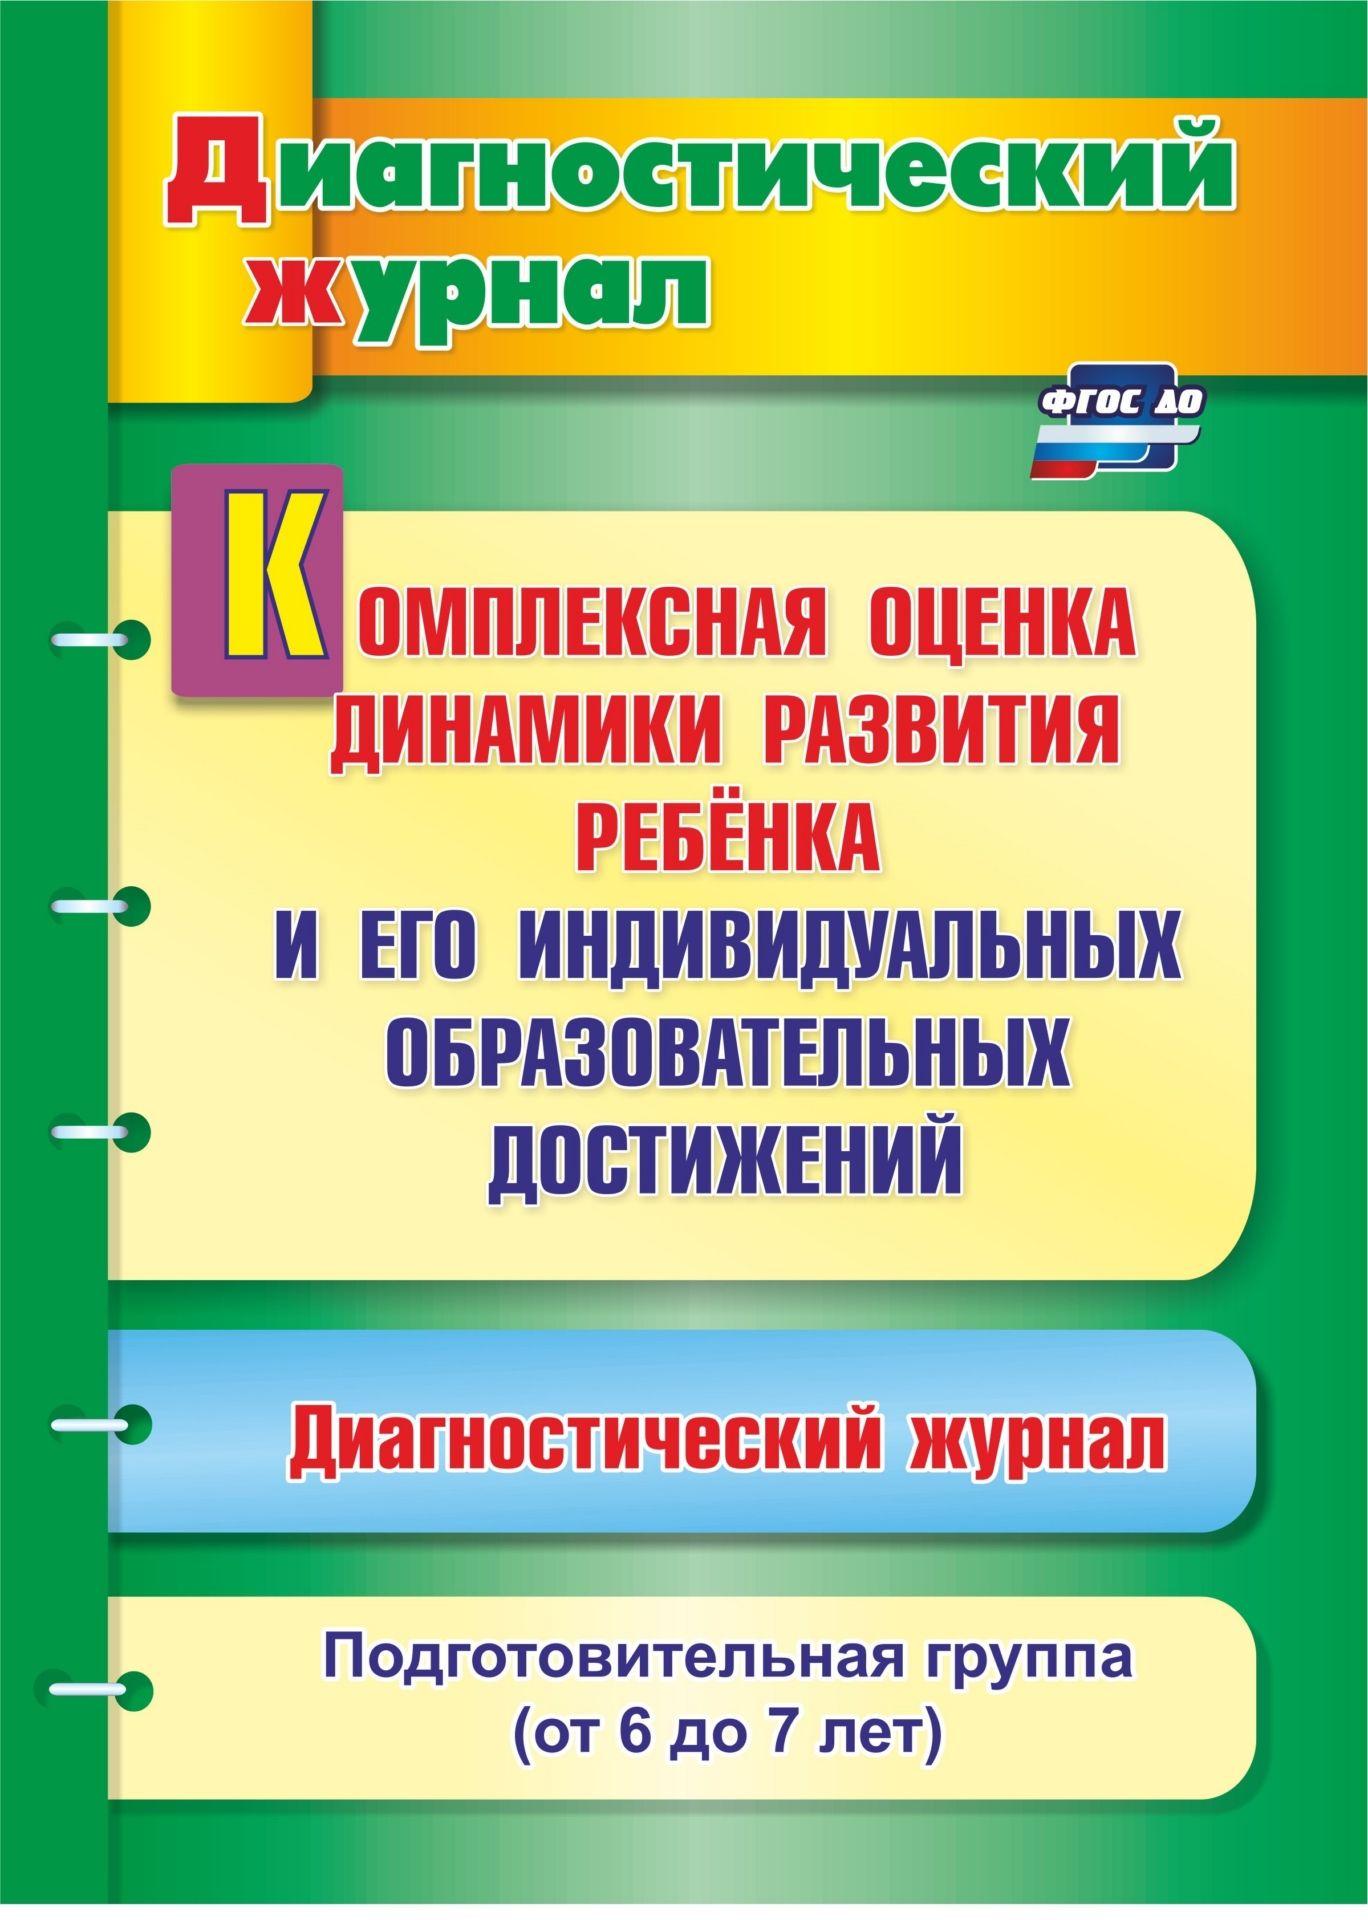 Комплексная оценка динамики развития ребенка и его индивидуальных образовательных достижений. Диагностический журнал. Подготовительная группа (от 6 до 7 лет)